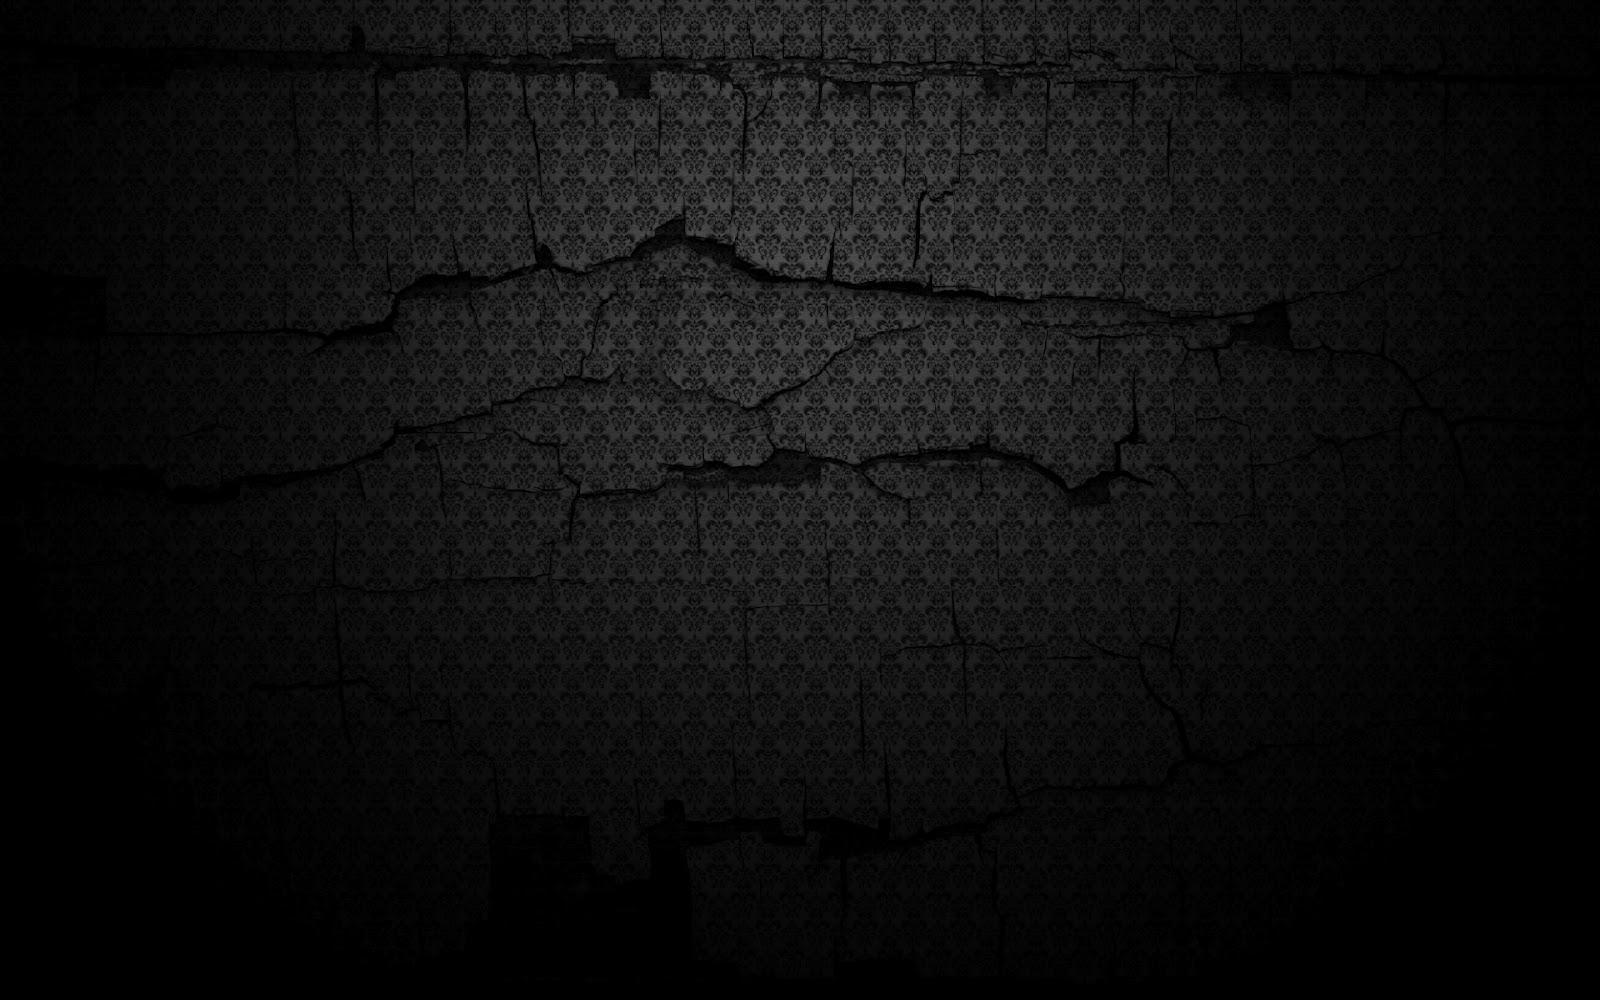 dark hd wallpaper wallpapersafari